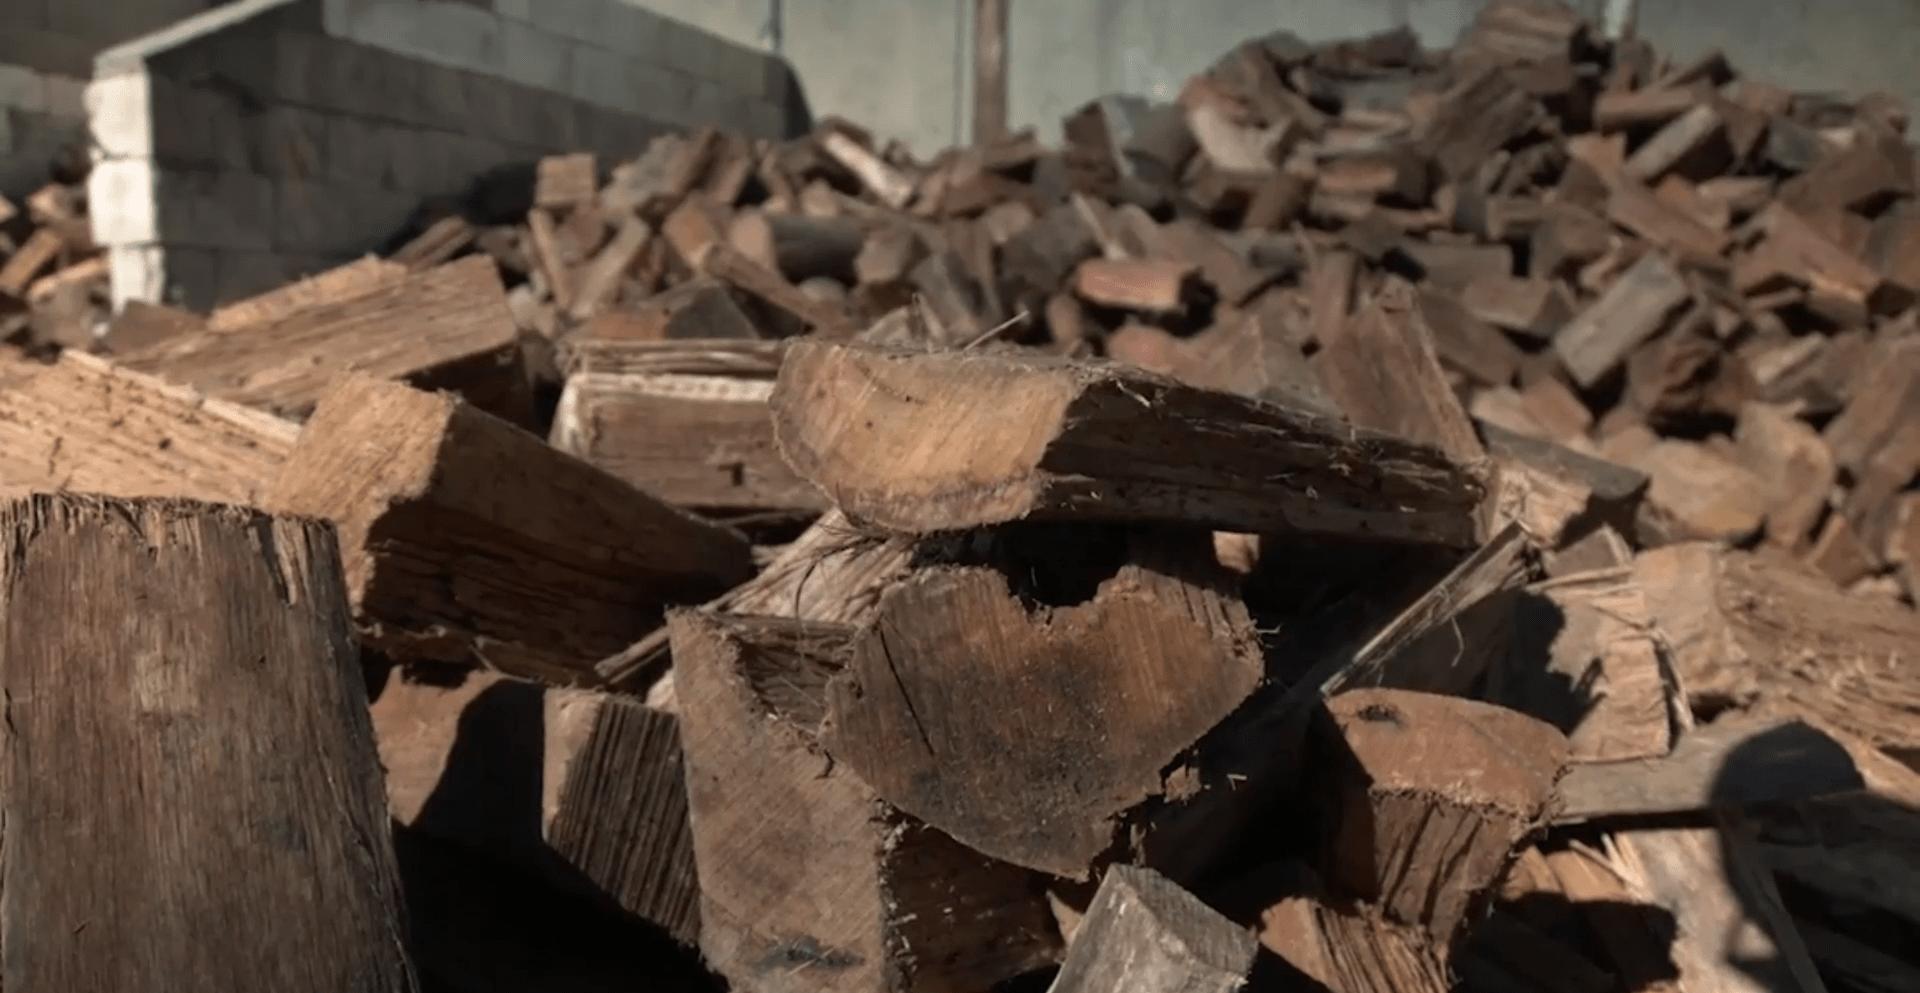 Premium Ironbark Firewood Supplier